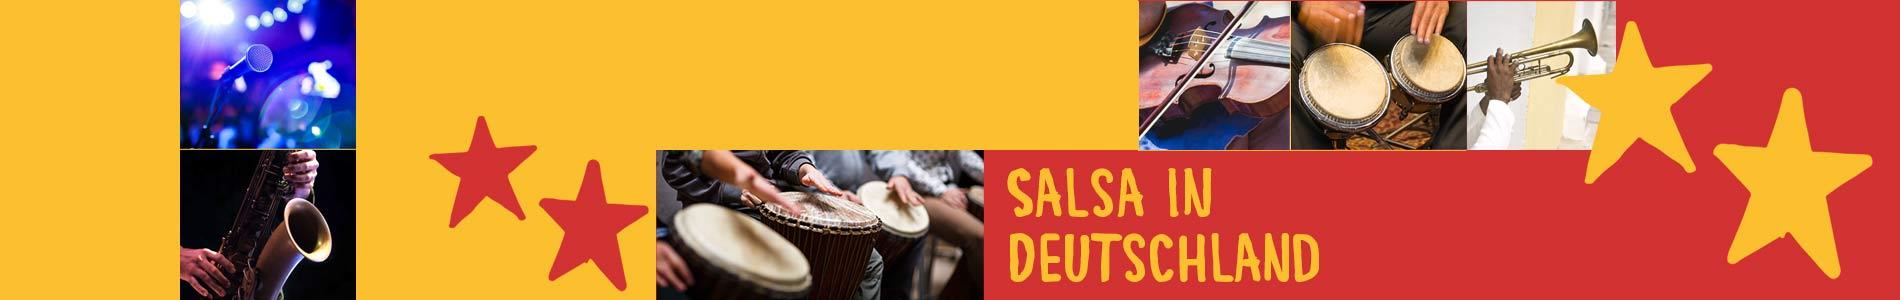 Salsa in Dargun – Salsa lernen und tanzen, Tanzkurse, Partys, Veranstaltungen